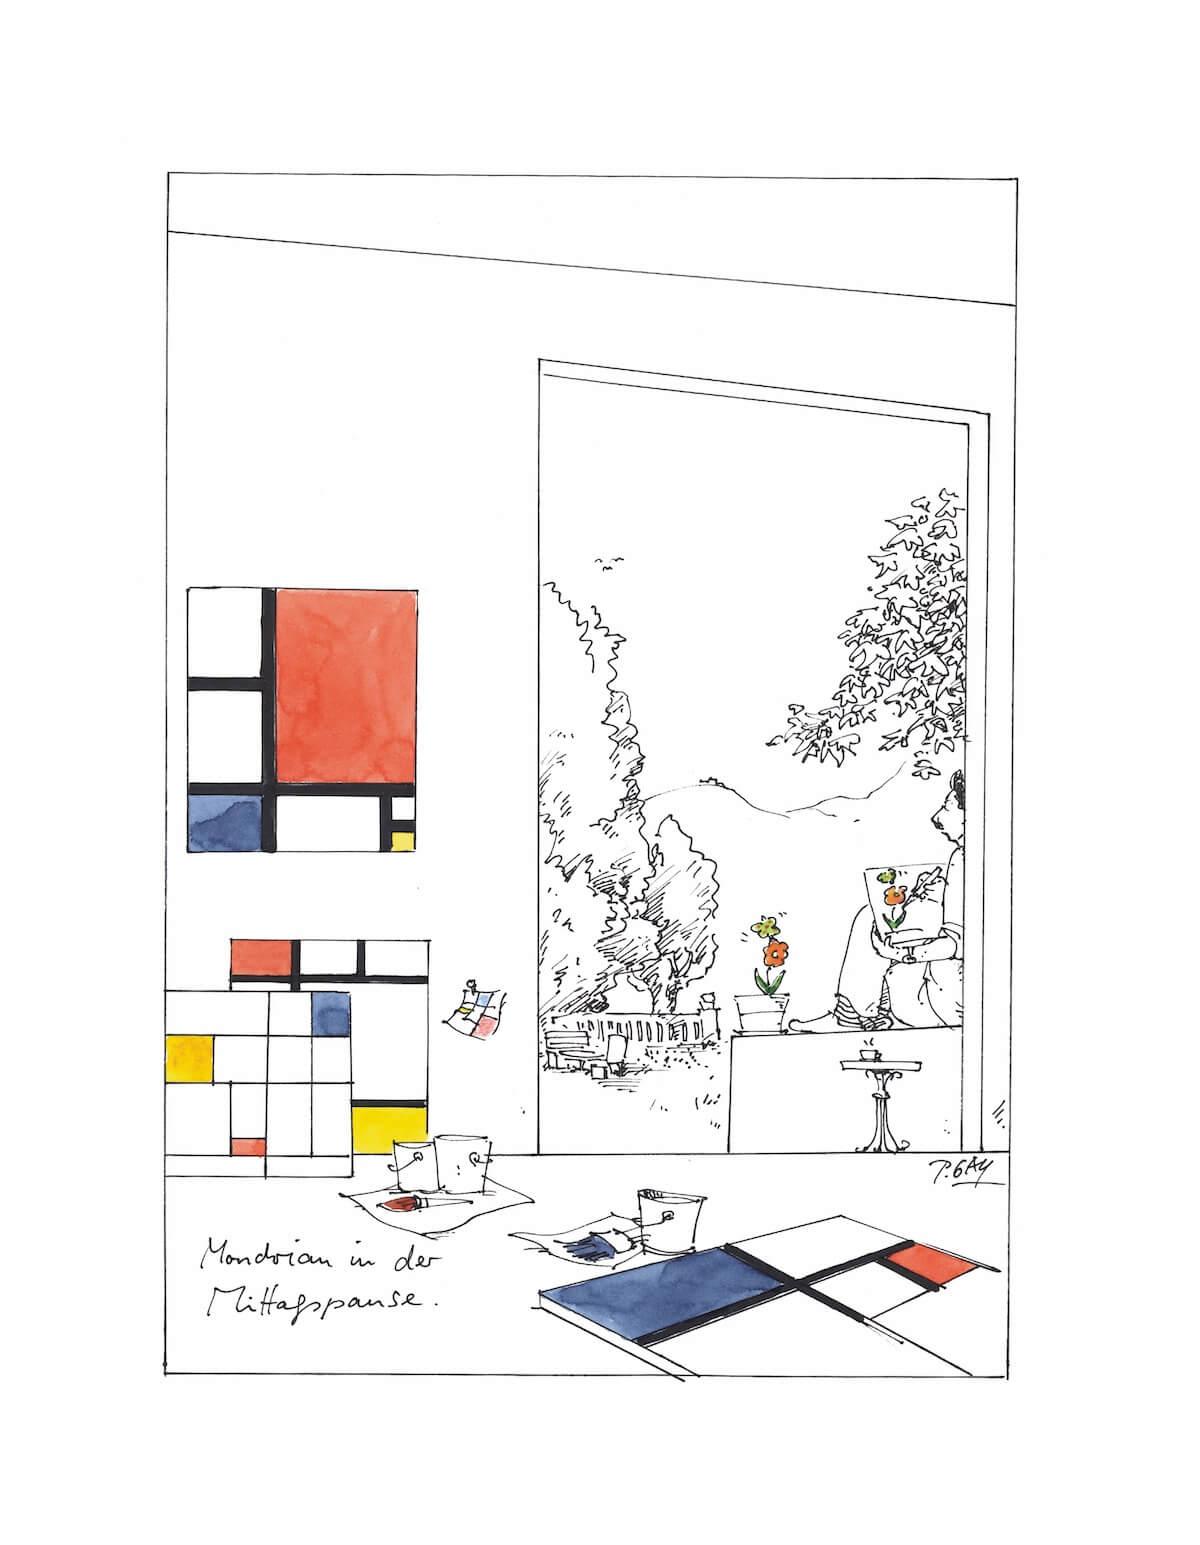 Peter Gaymann, Mondrian in der Mittagspause, Tusche und Aquarell auf Papier, 38 x 28cm, signiert, Unikat